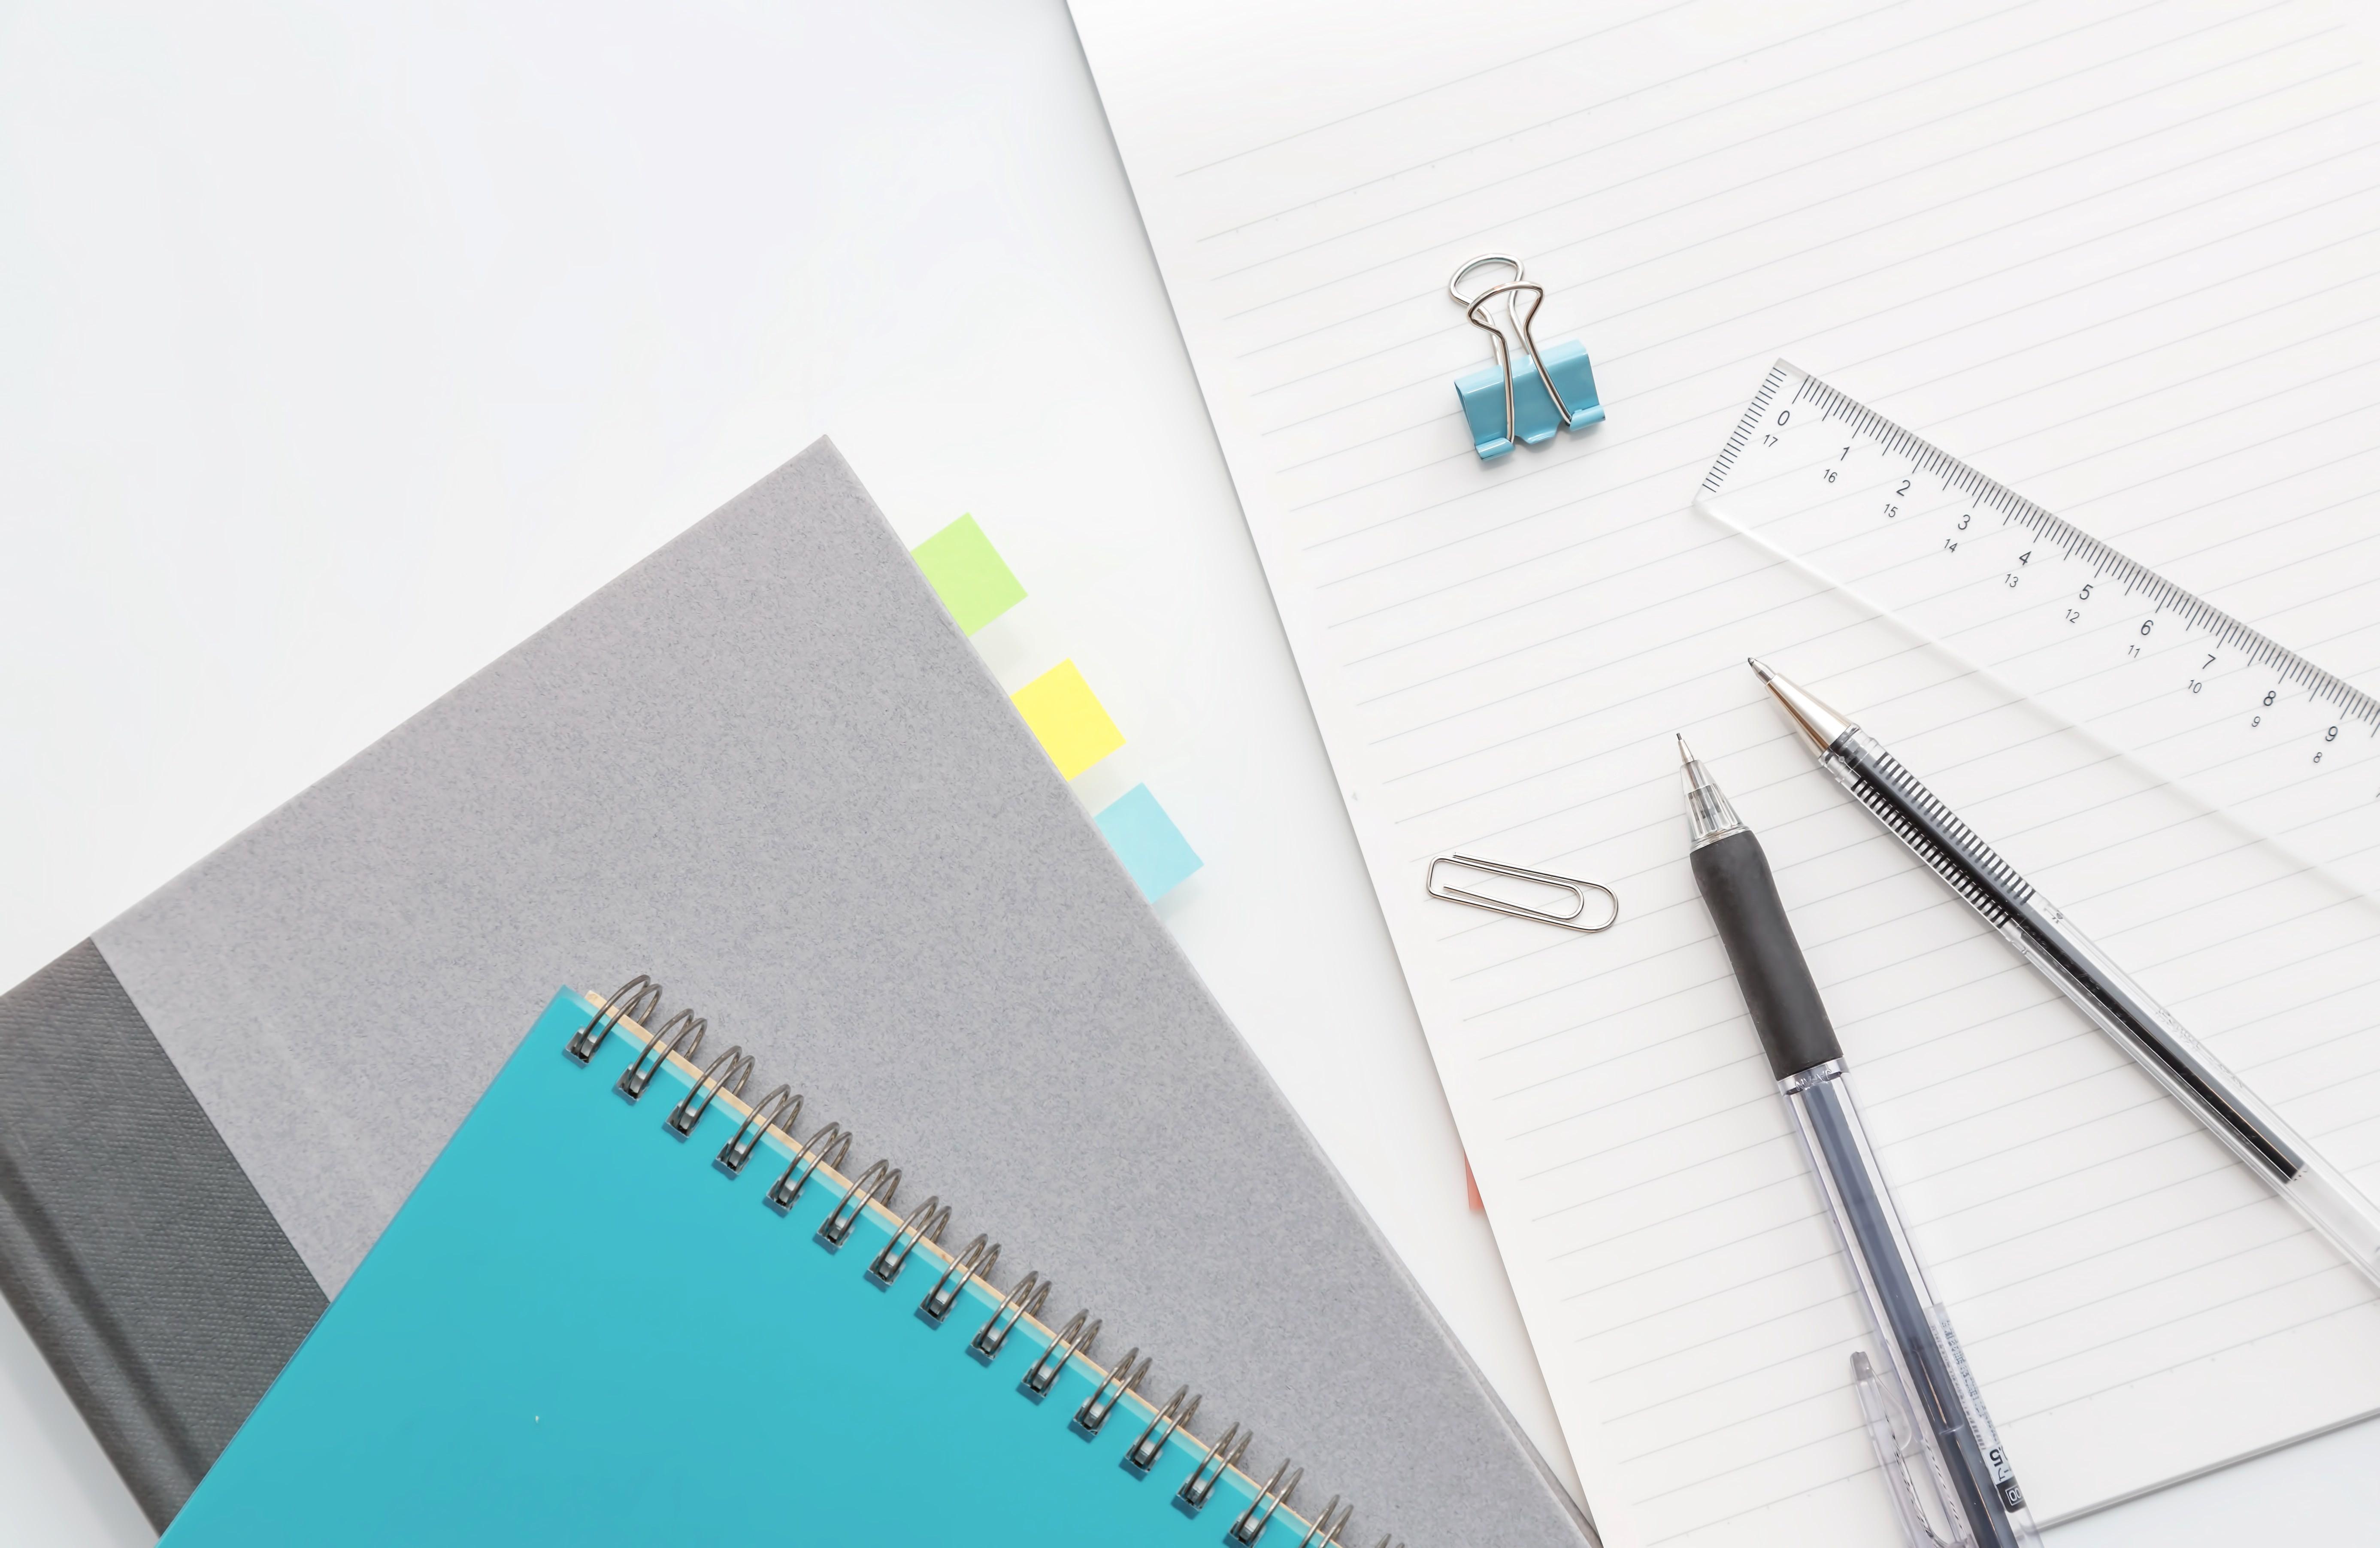 高卒認定試験について。受験料金や難易度、申し込み方など詳しく解説